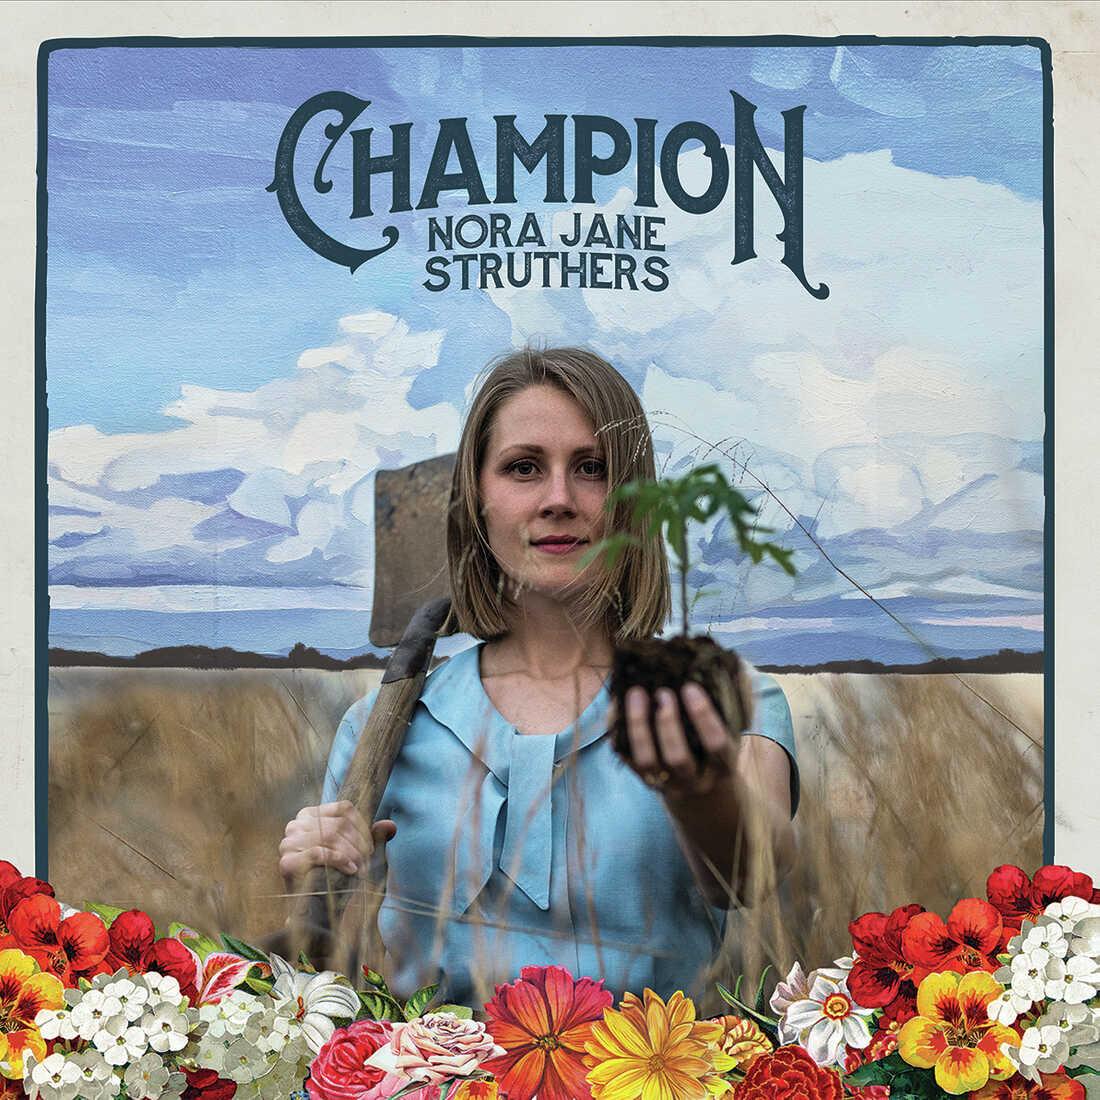 Nora Jane Struthers, Champion